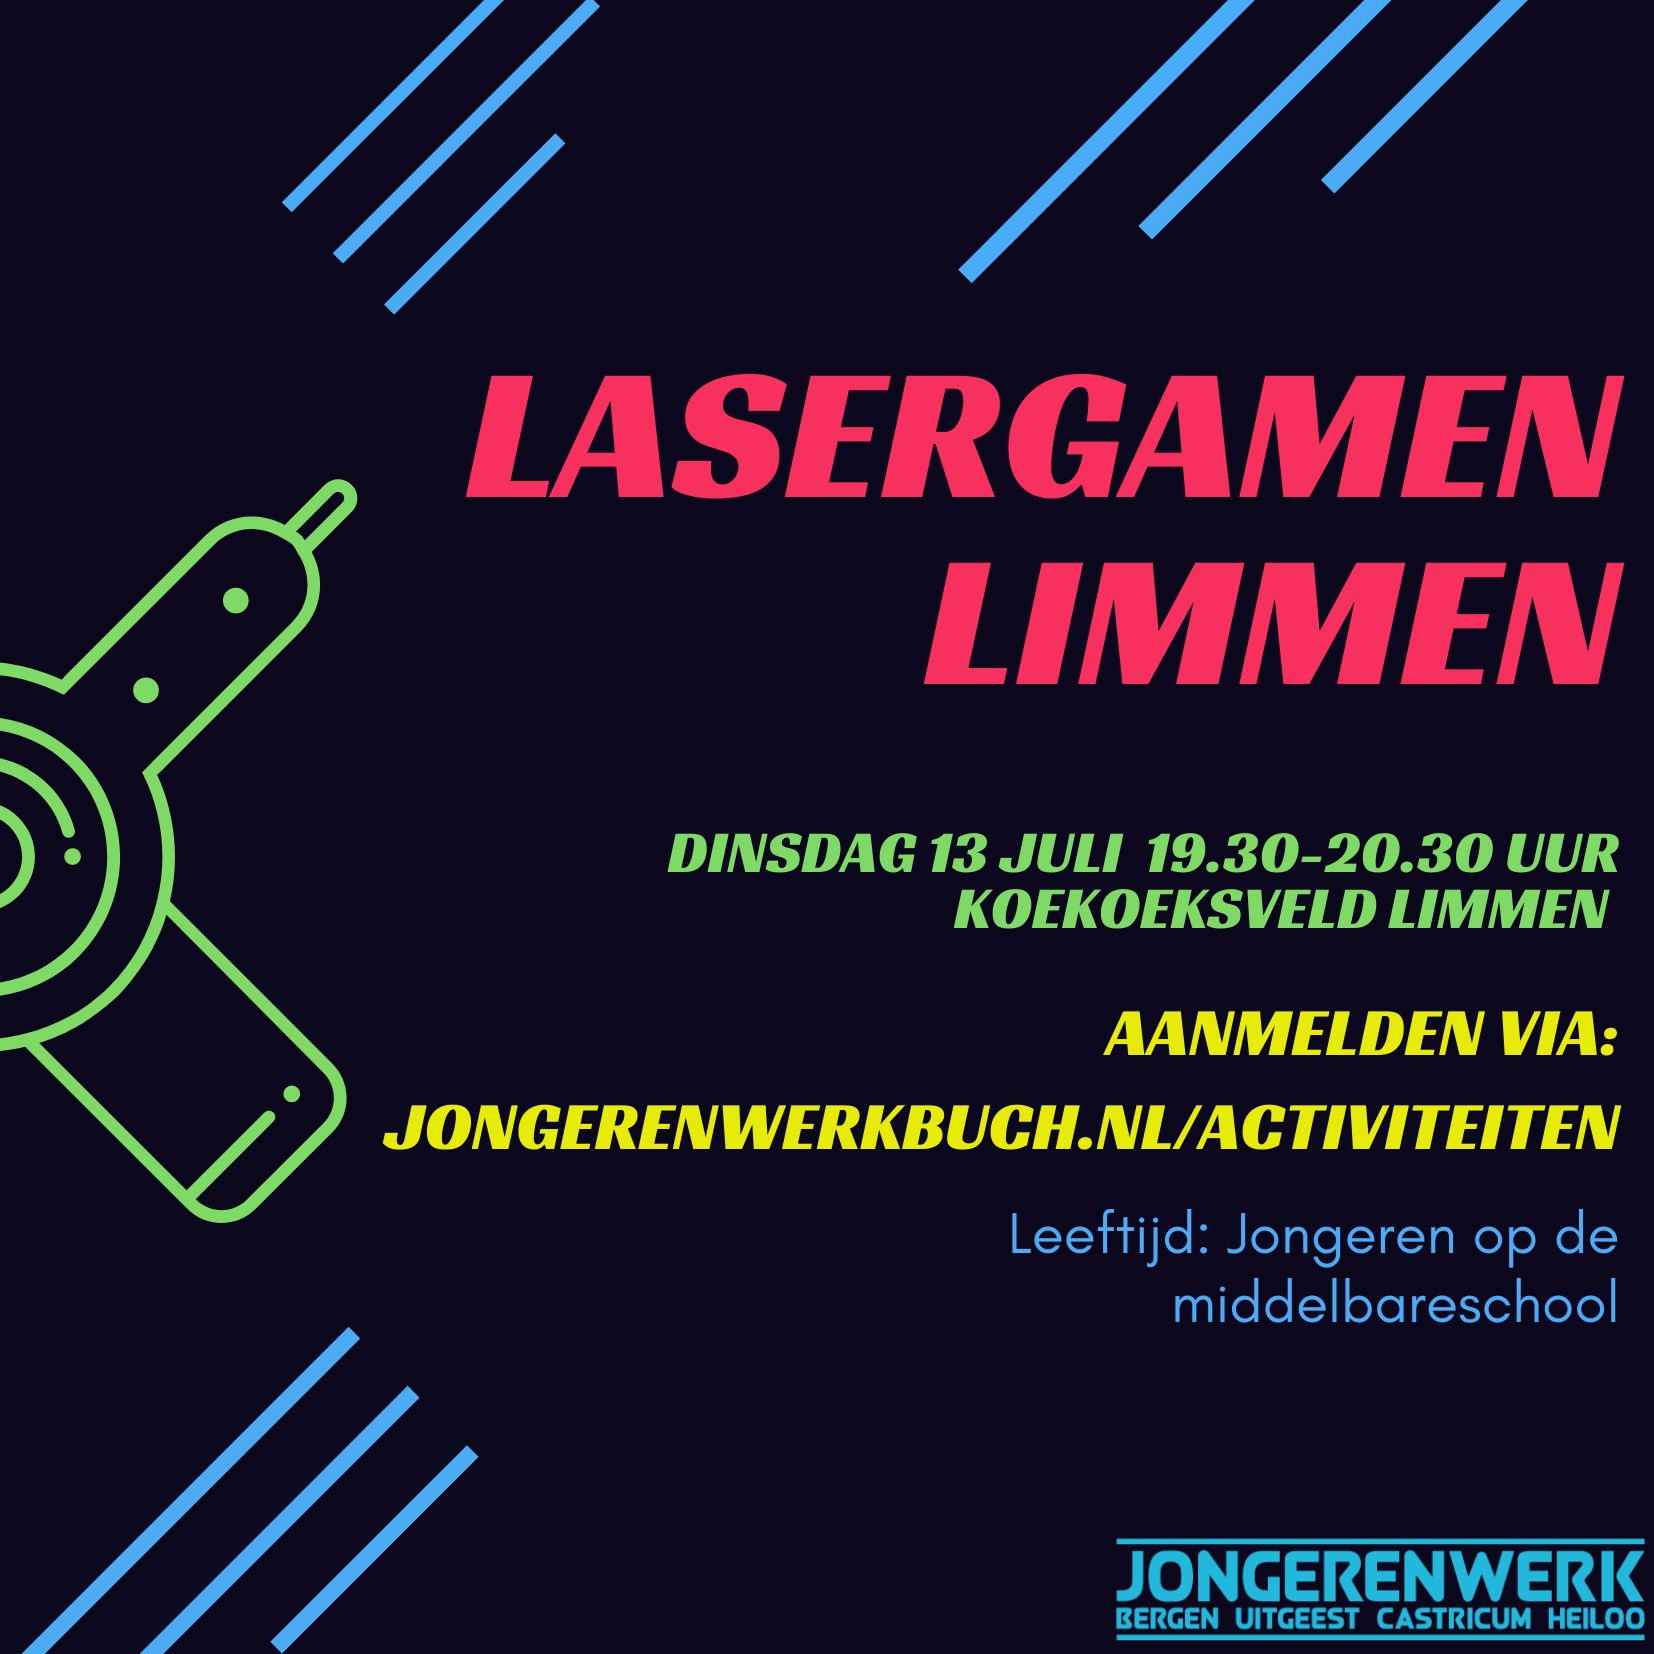 Lasergamen Limmen